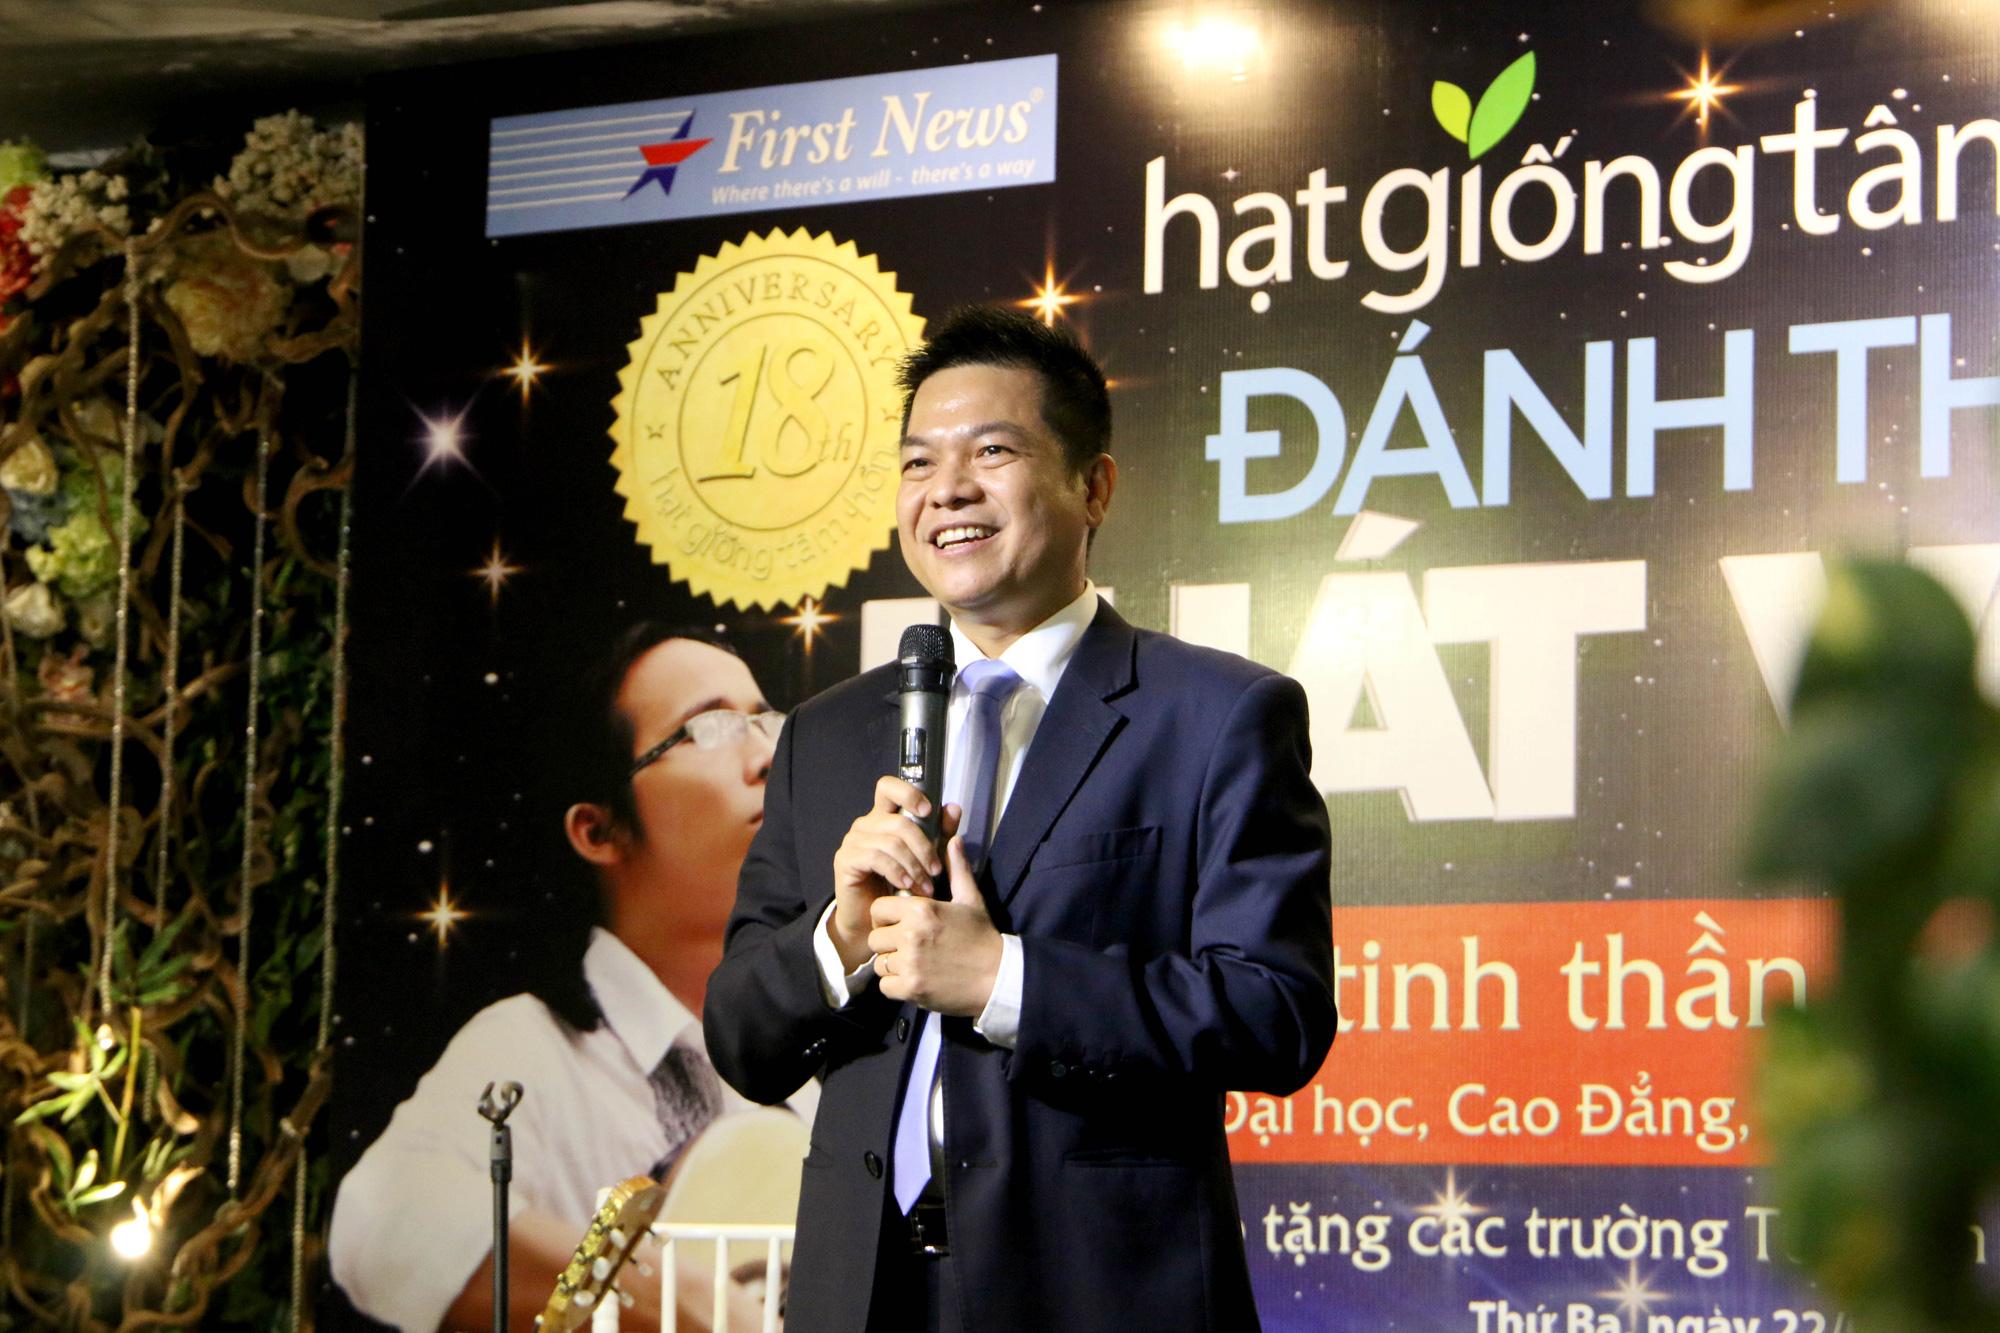 """Diễn giả Sơn Lâm và nhạc sĩ Hà Chương """"Đánh thức khát vọng"""" cho 30.000 học sinh, sinh viên - Ảnh 3."""